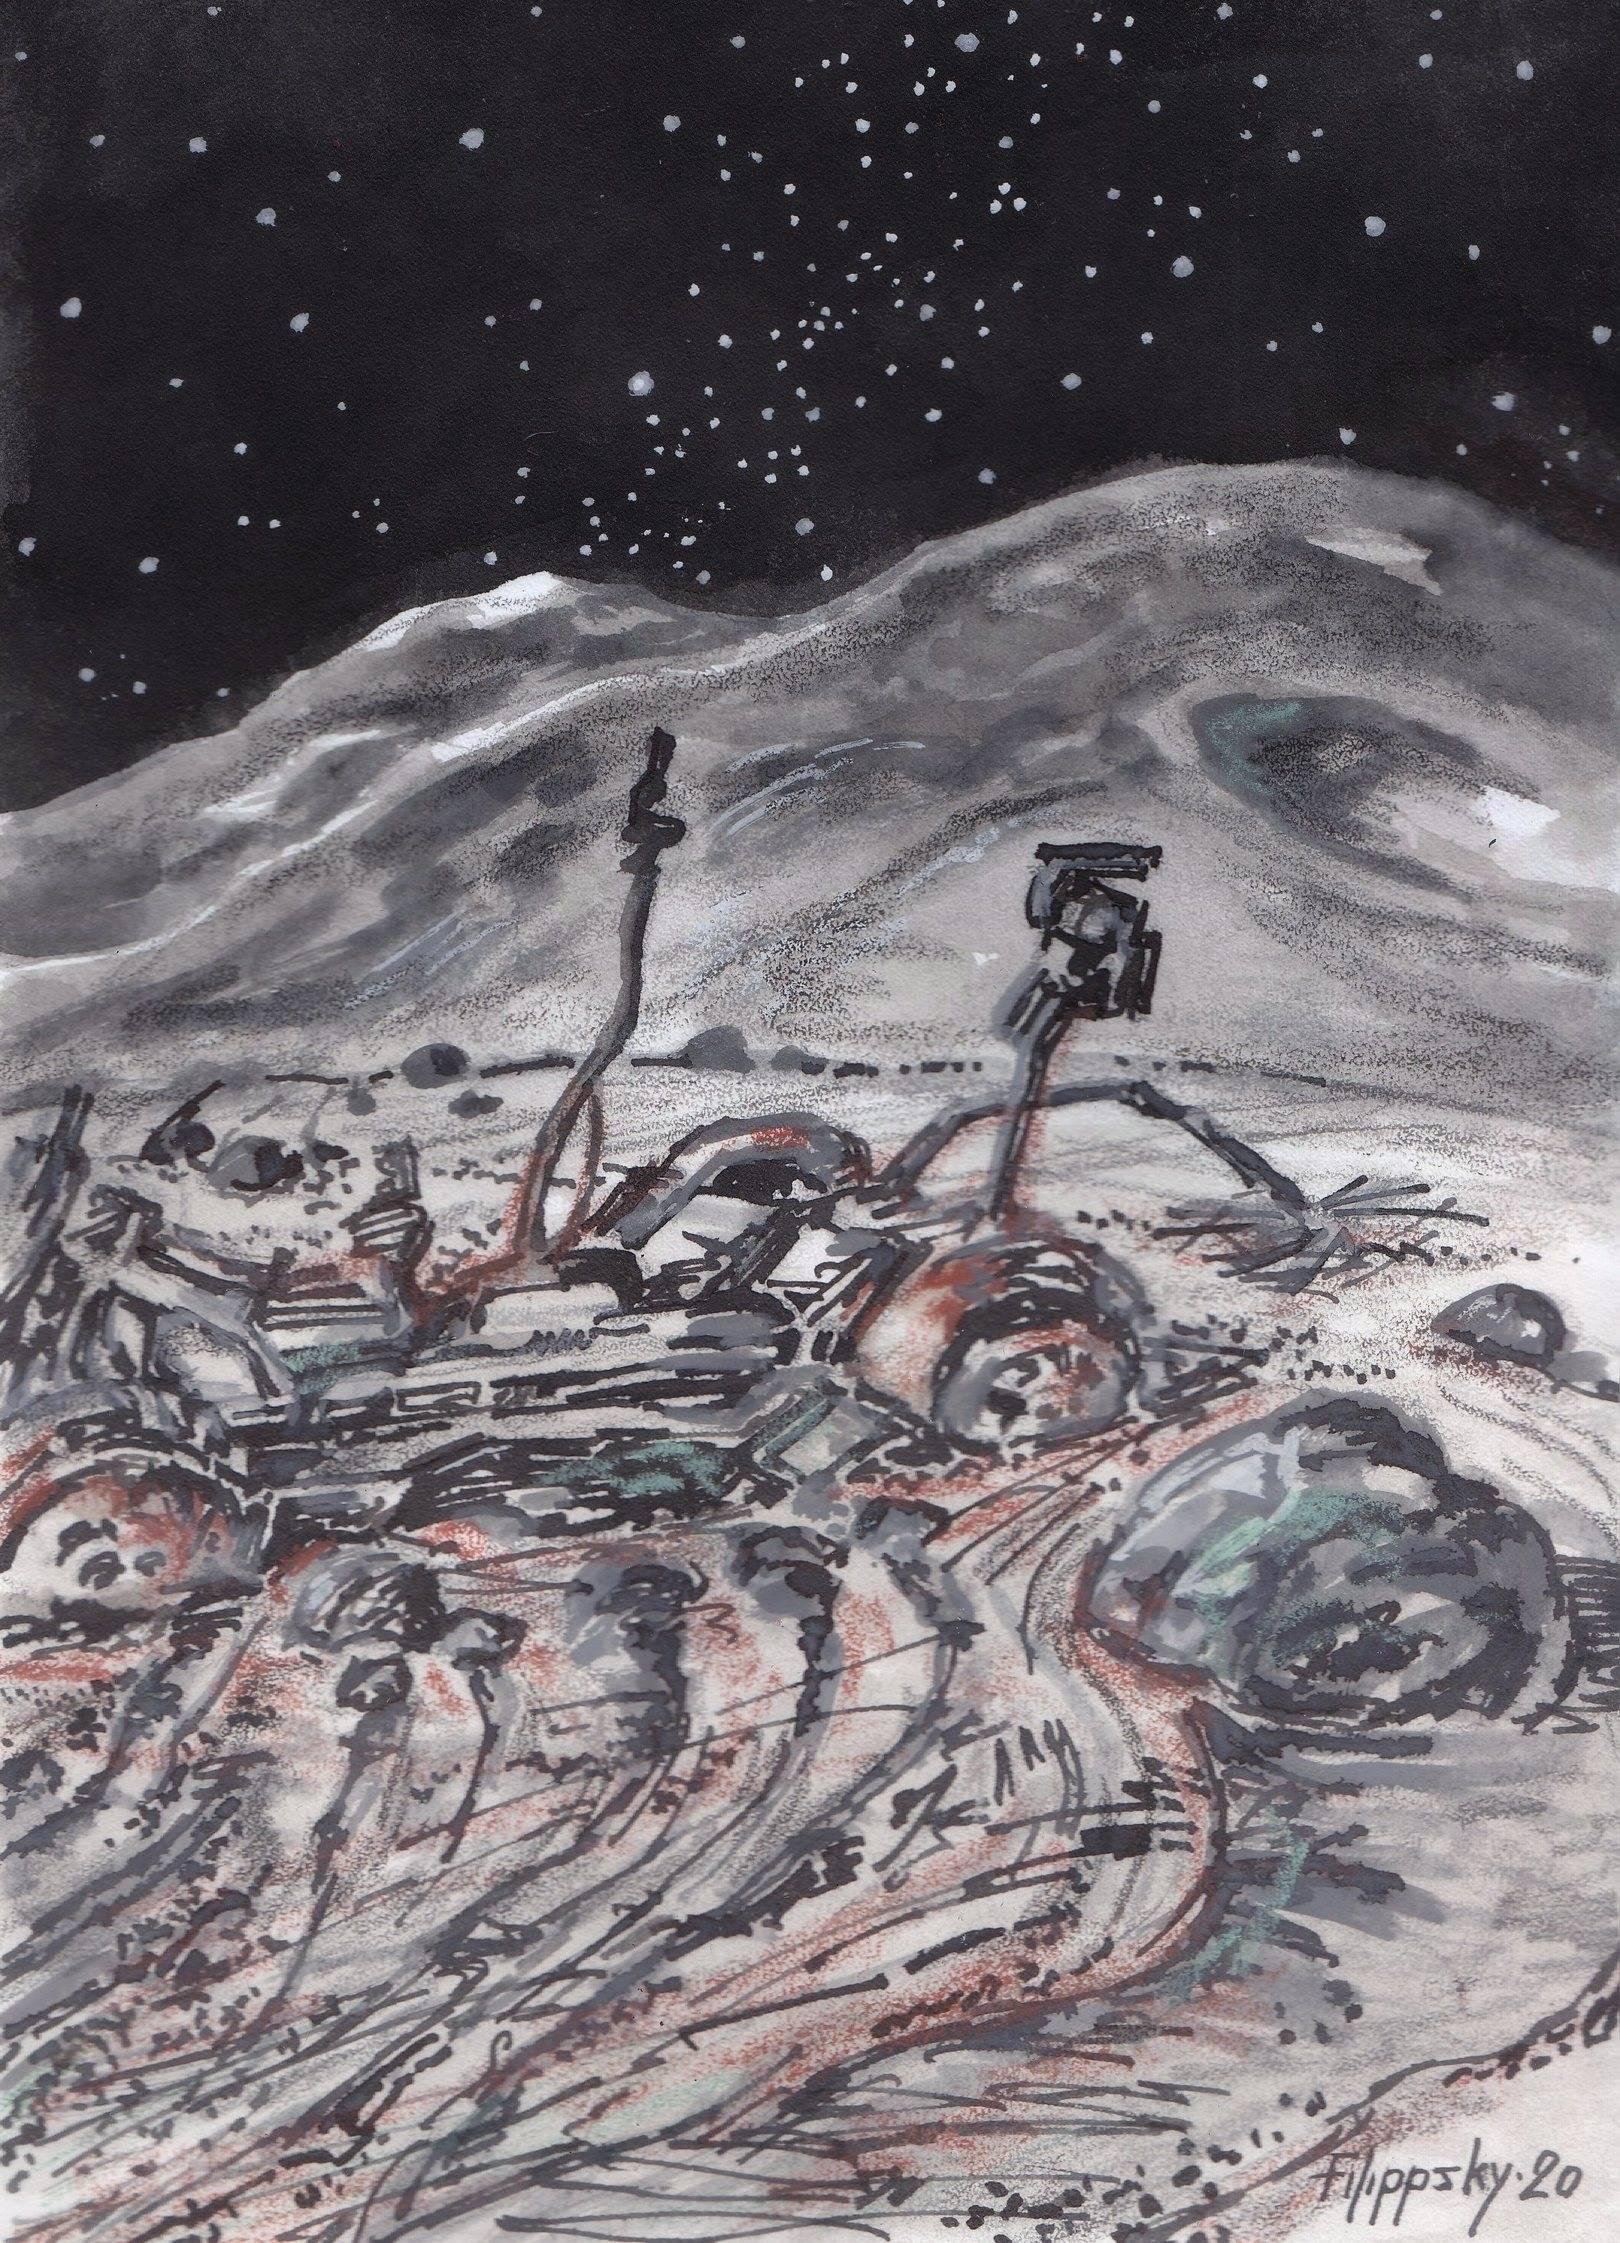 """Лунные трованты и остатки ровера """"Аполлона-15""""."""